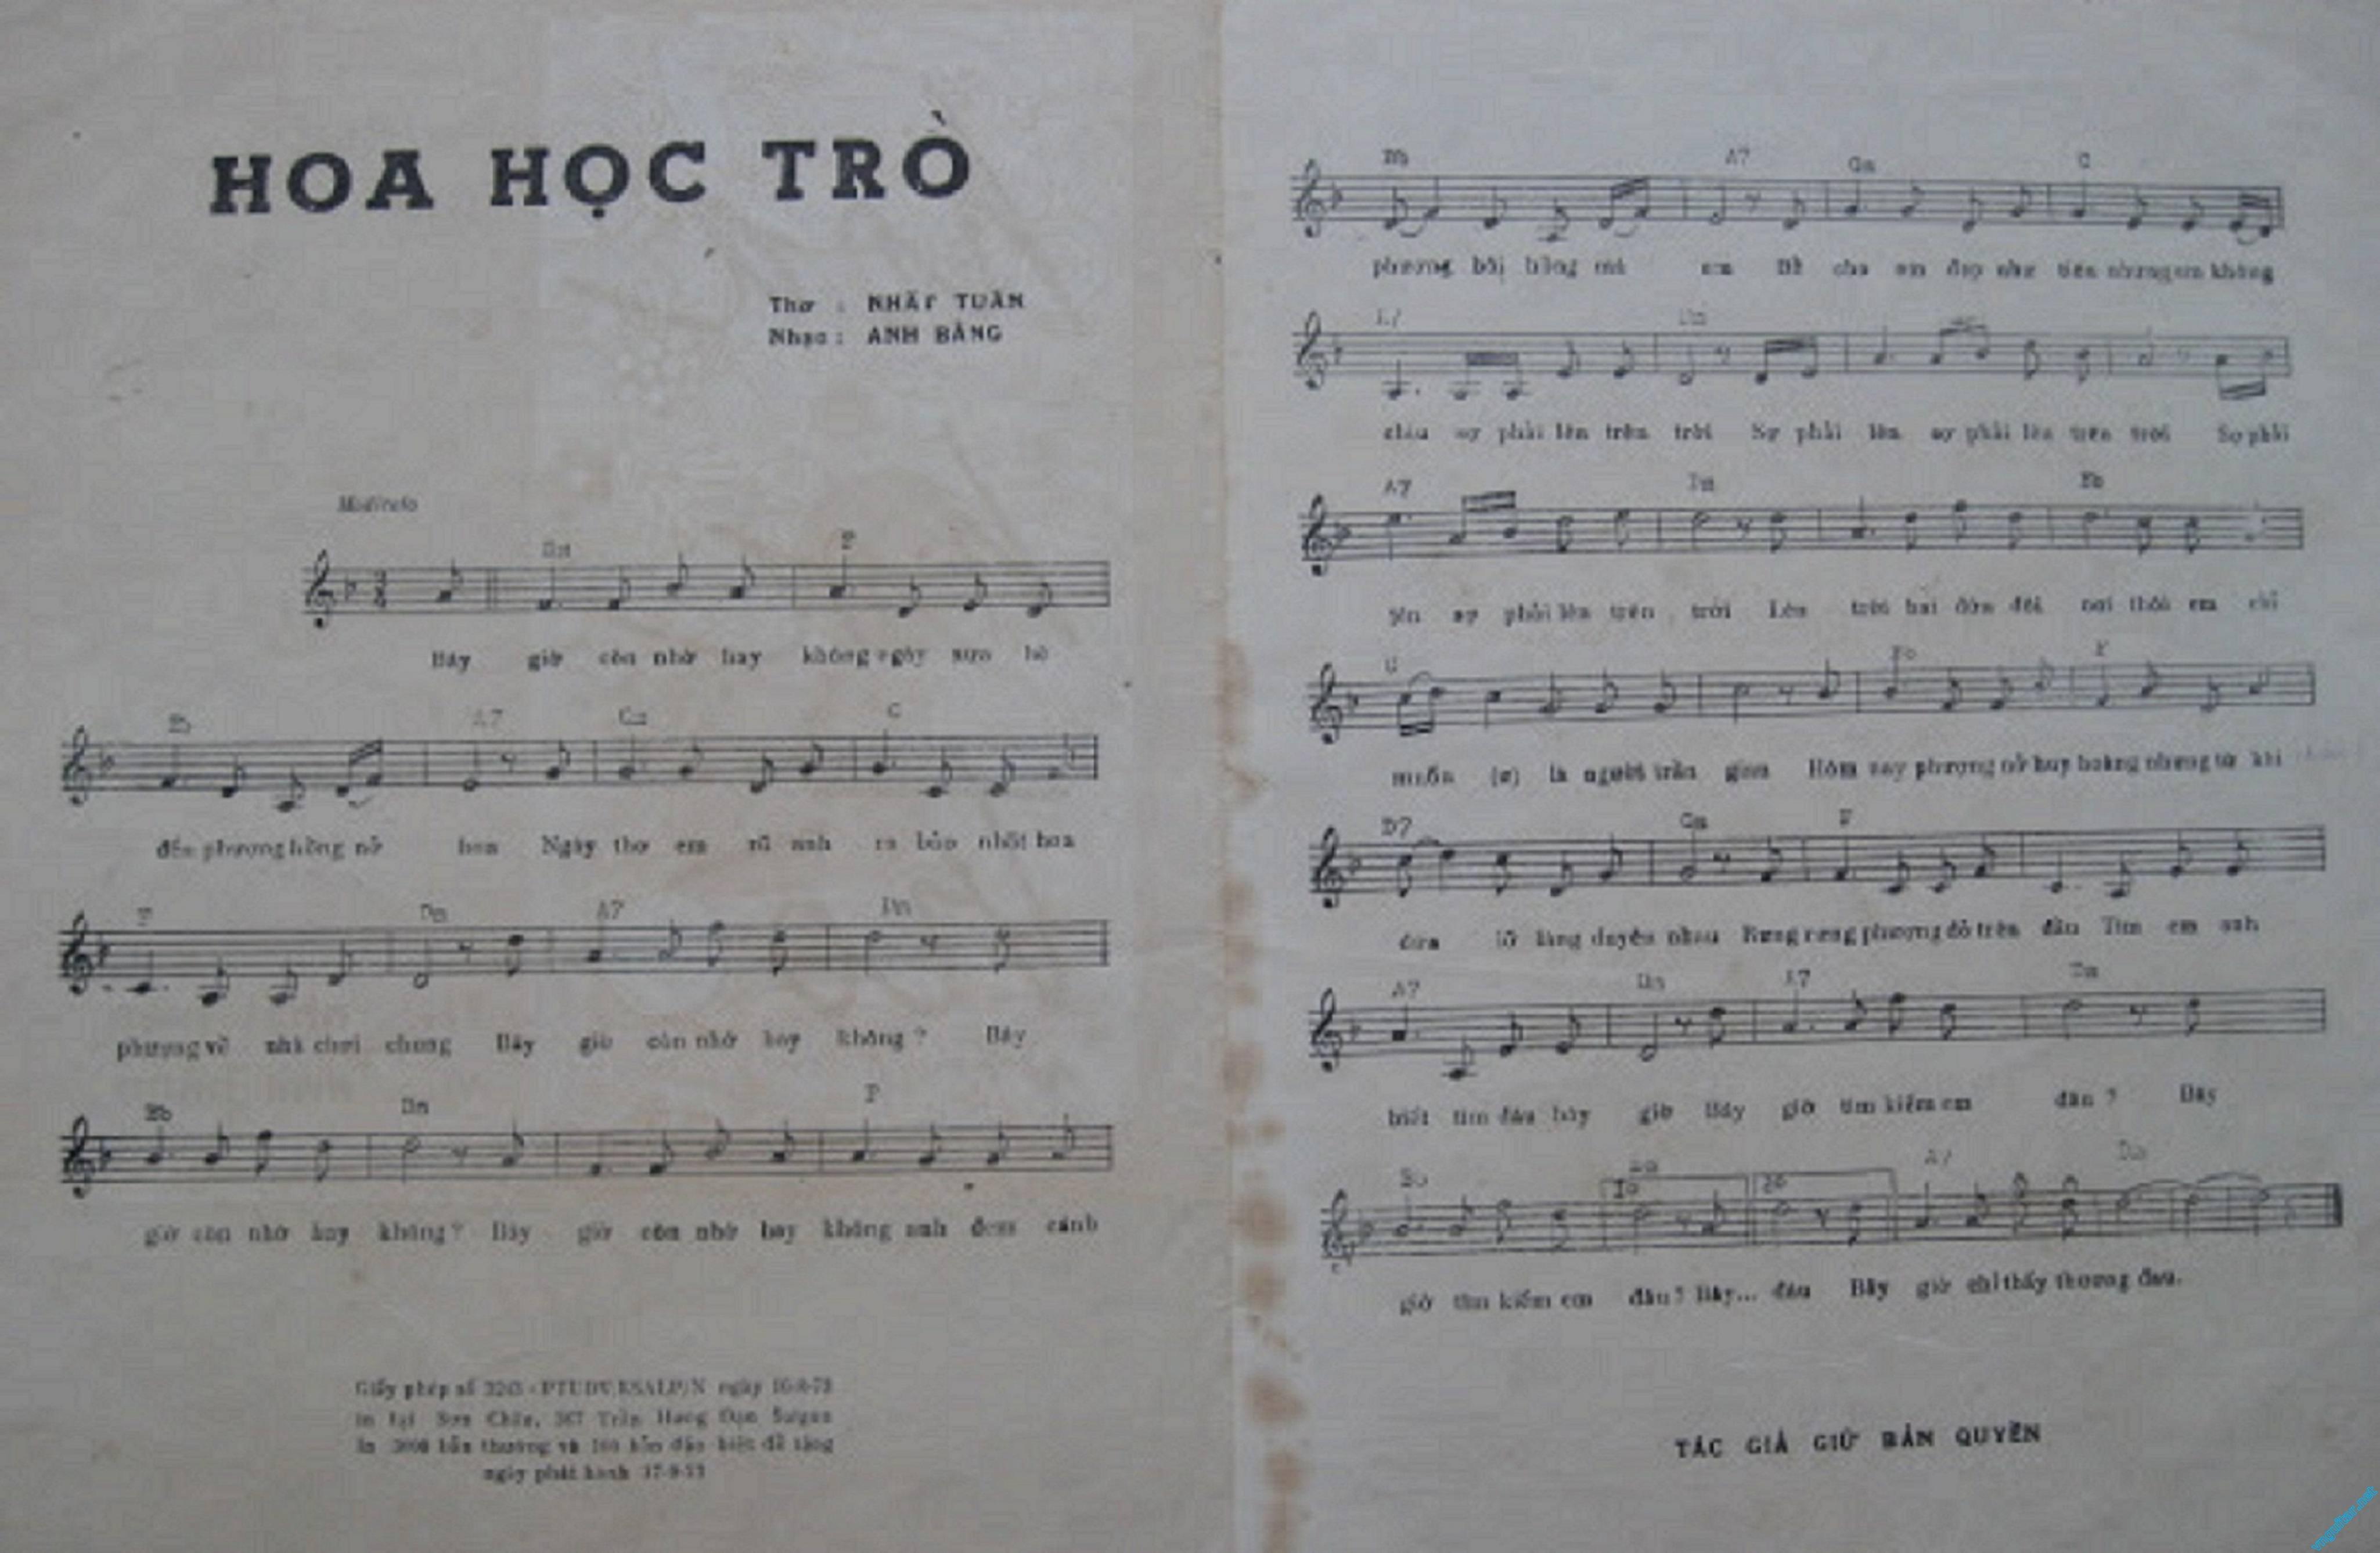 Hoa Hoc Tro.JPG